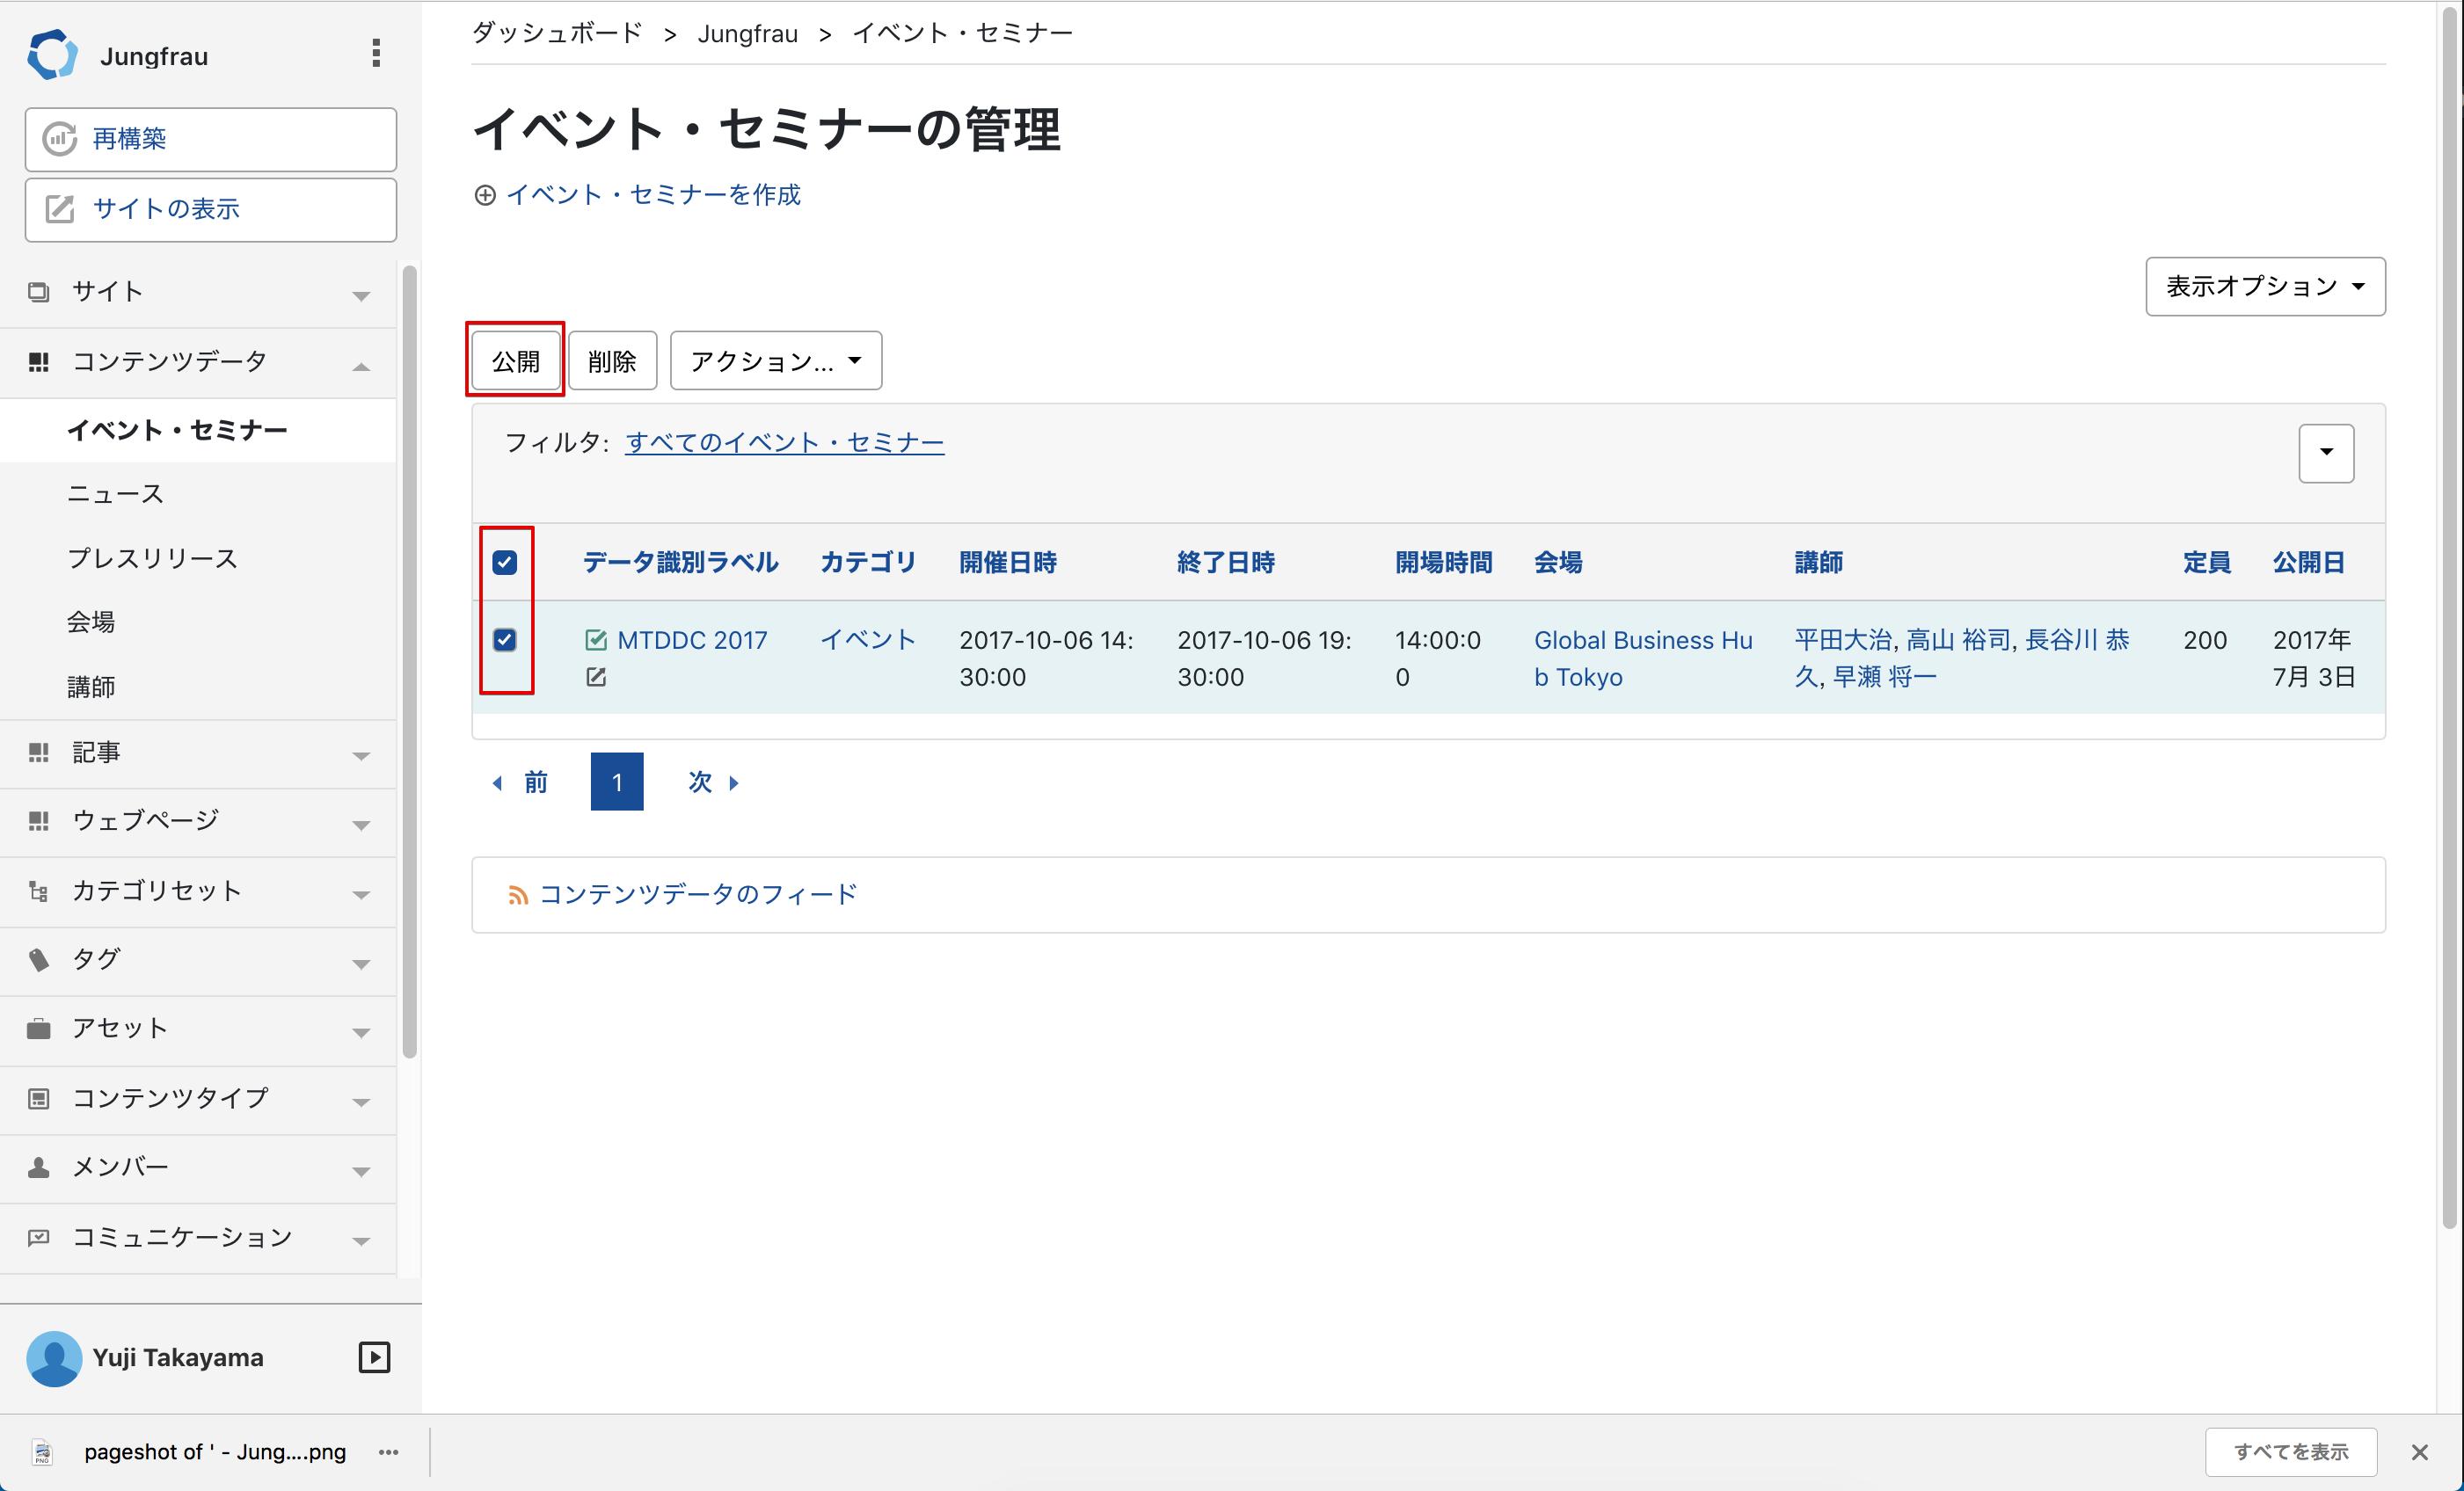 publish-content-data.png